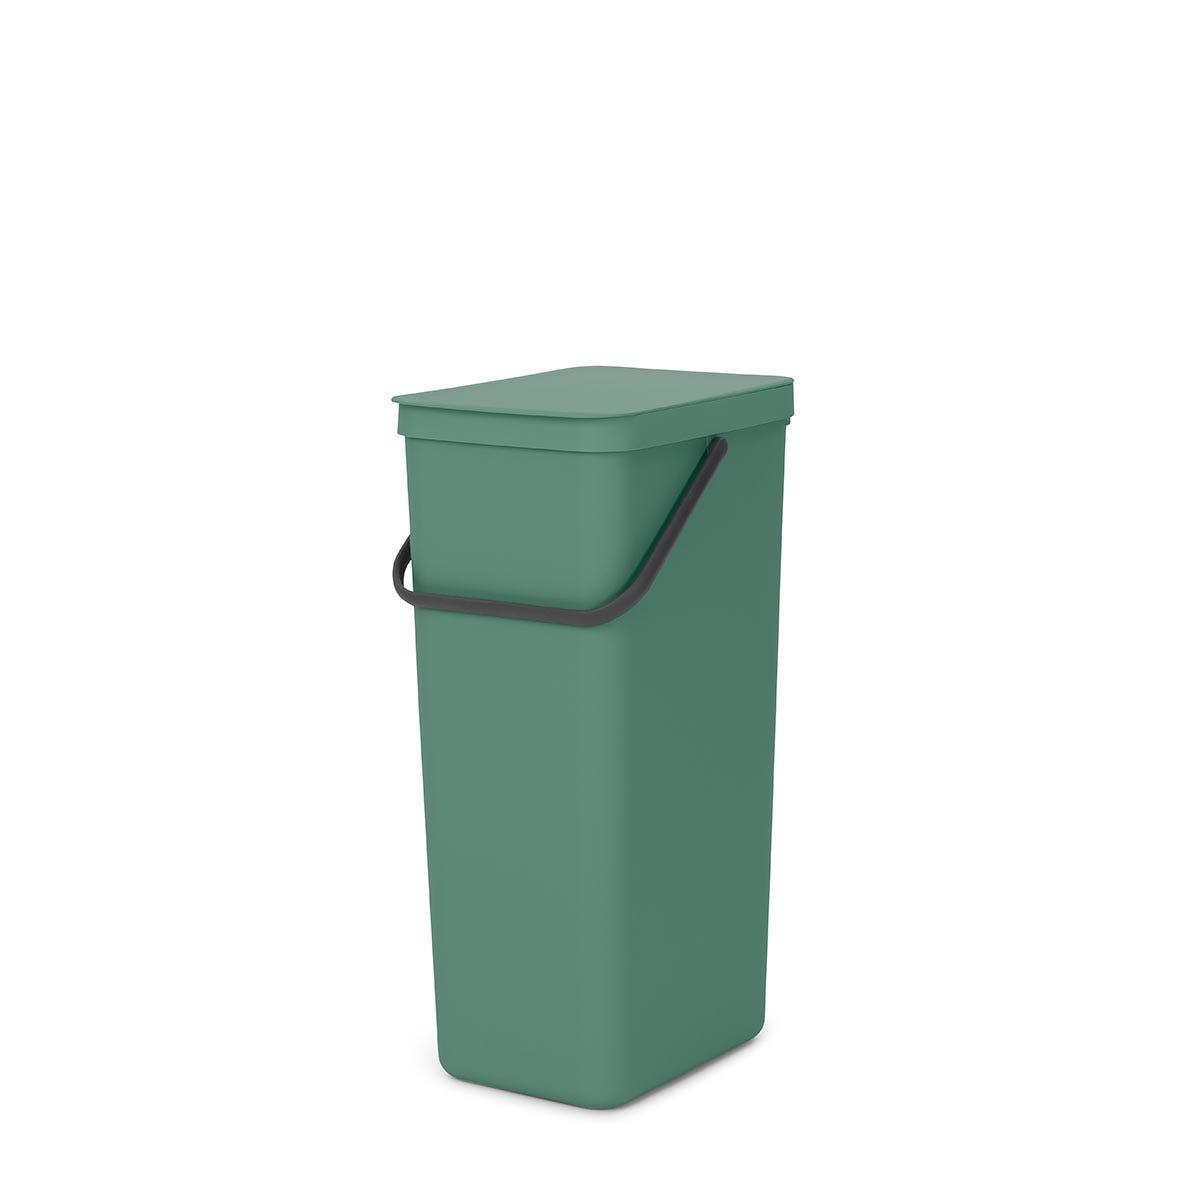 Brabantia Sort & Go Recycle Bin, 40L - Green